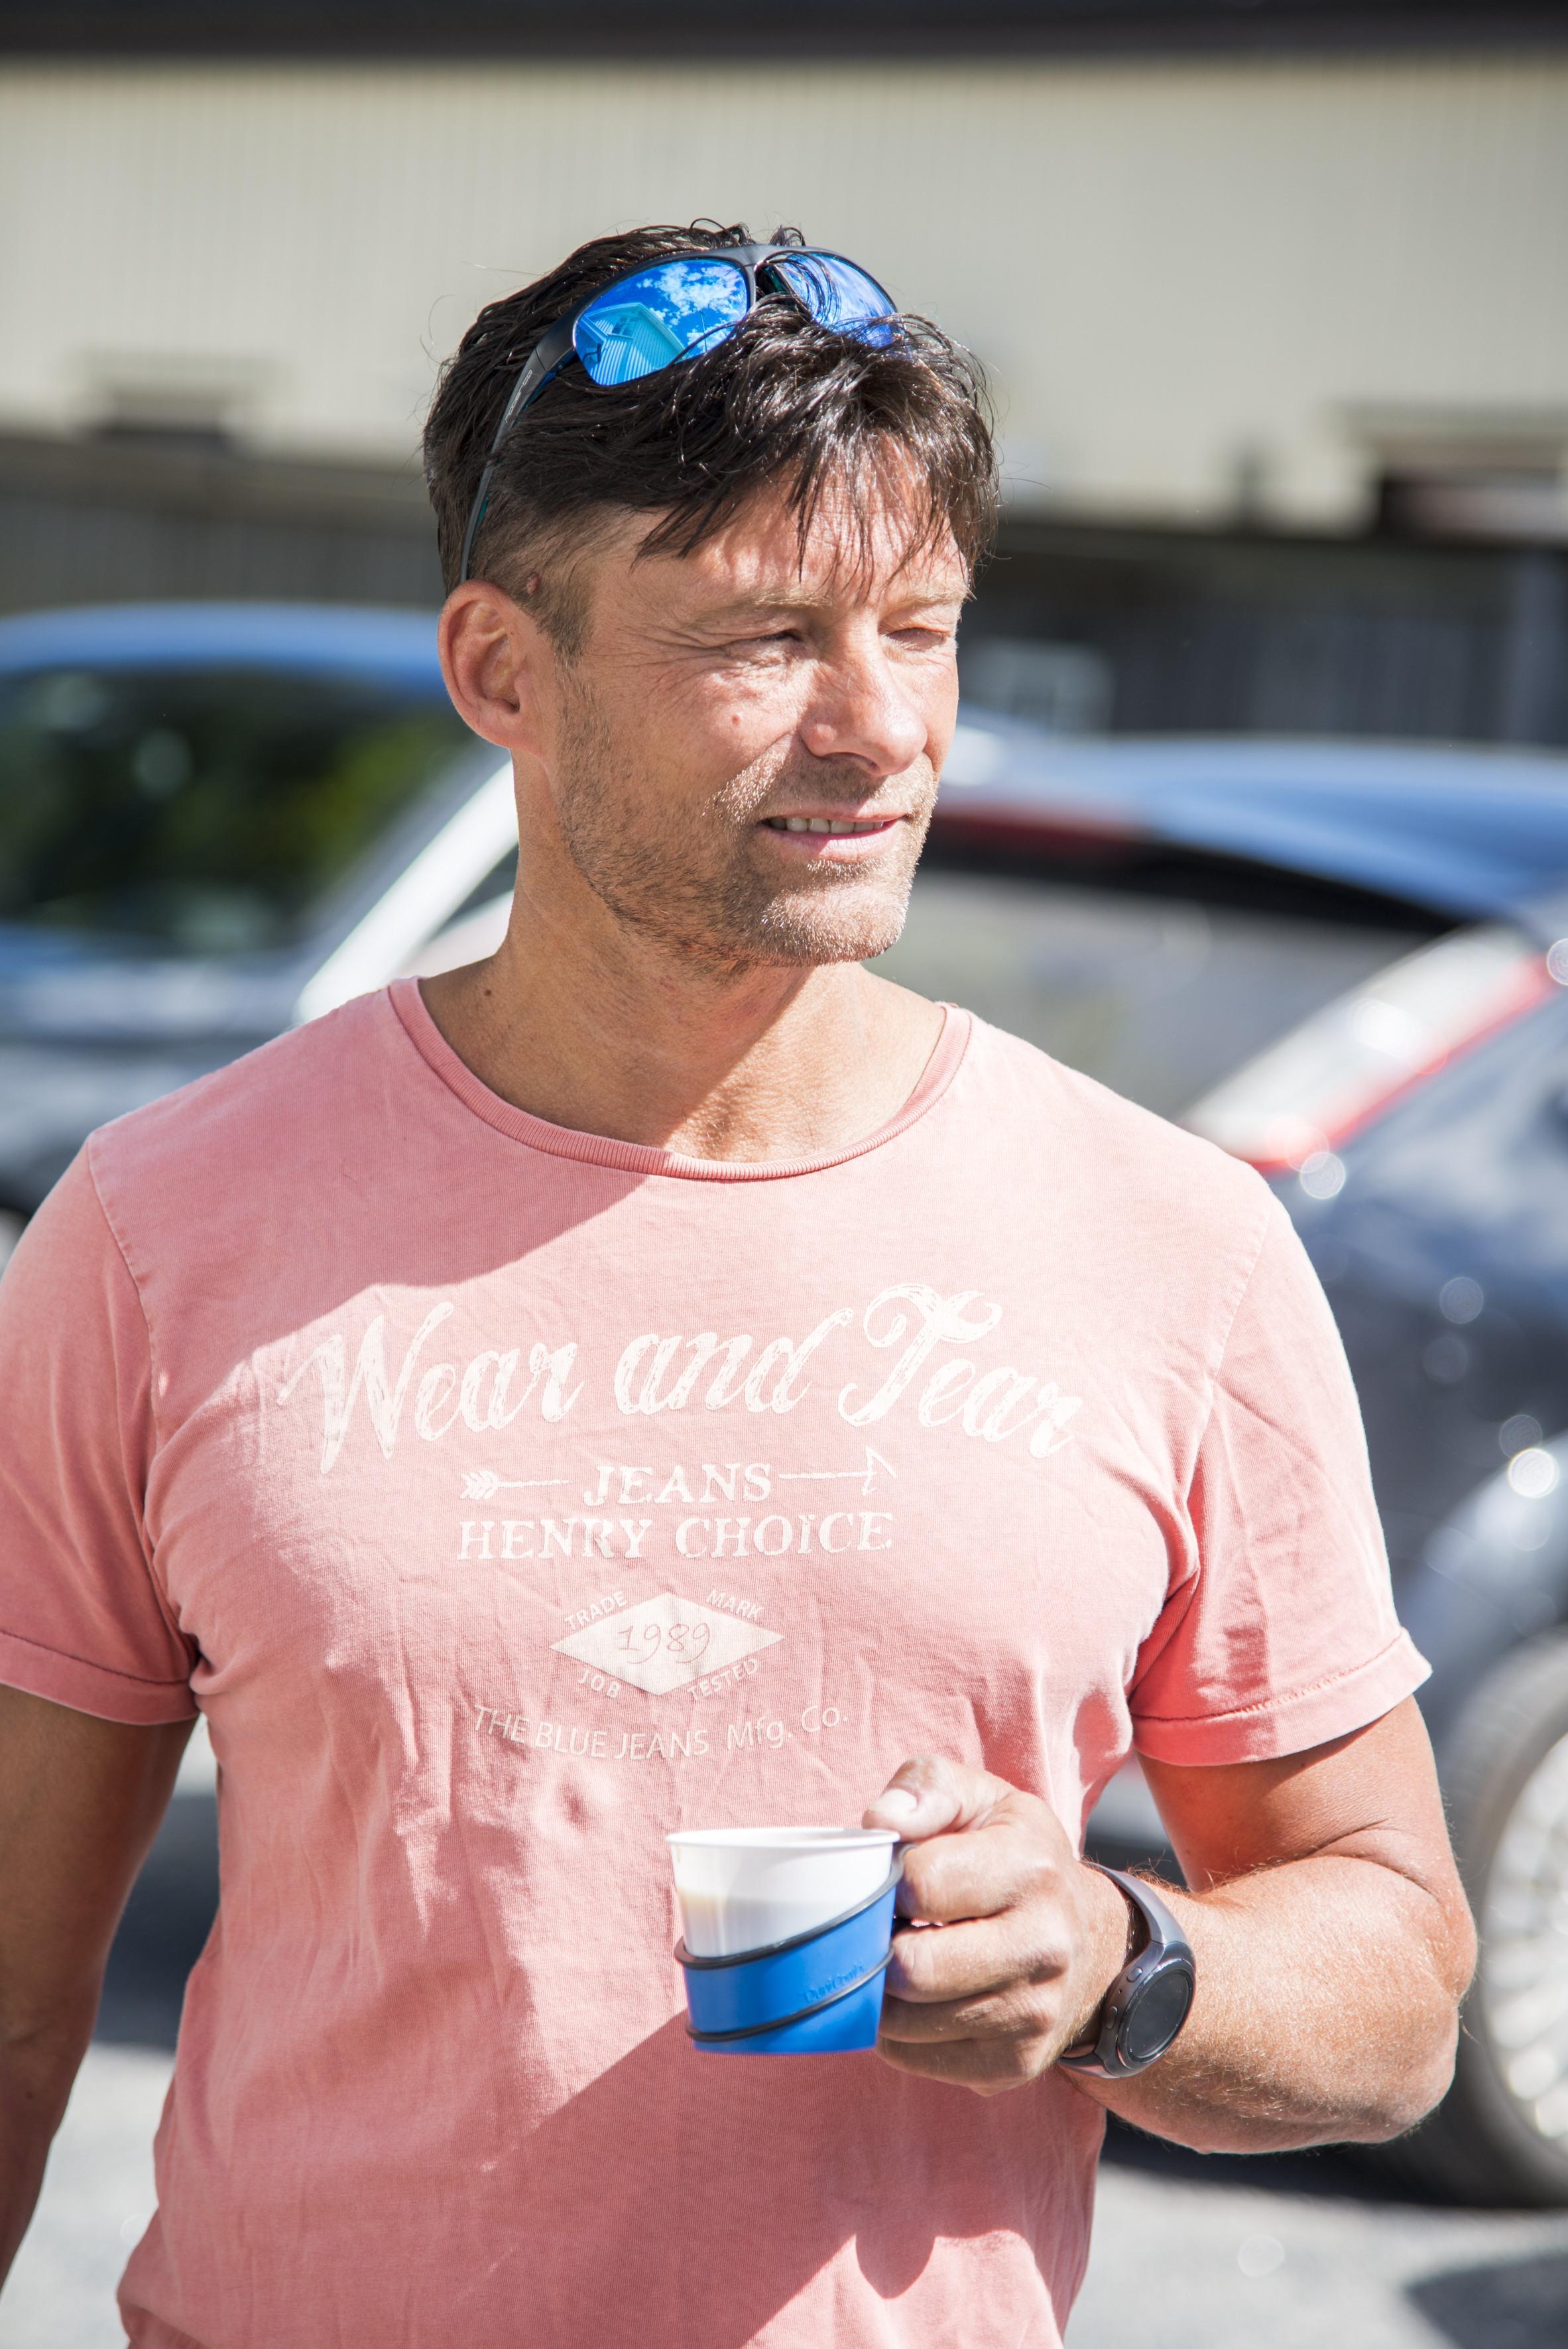 Frank avbildet med tskjorte og solbriller. Han holder en kaffekopp i hånden.